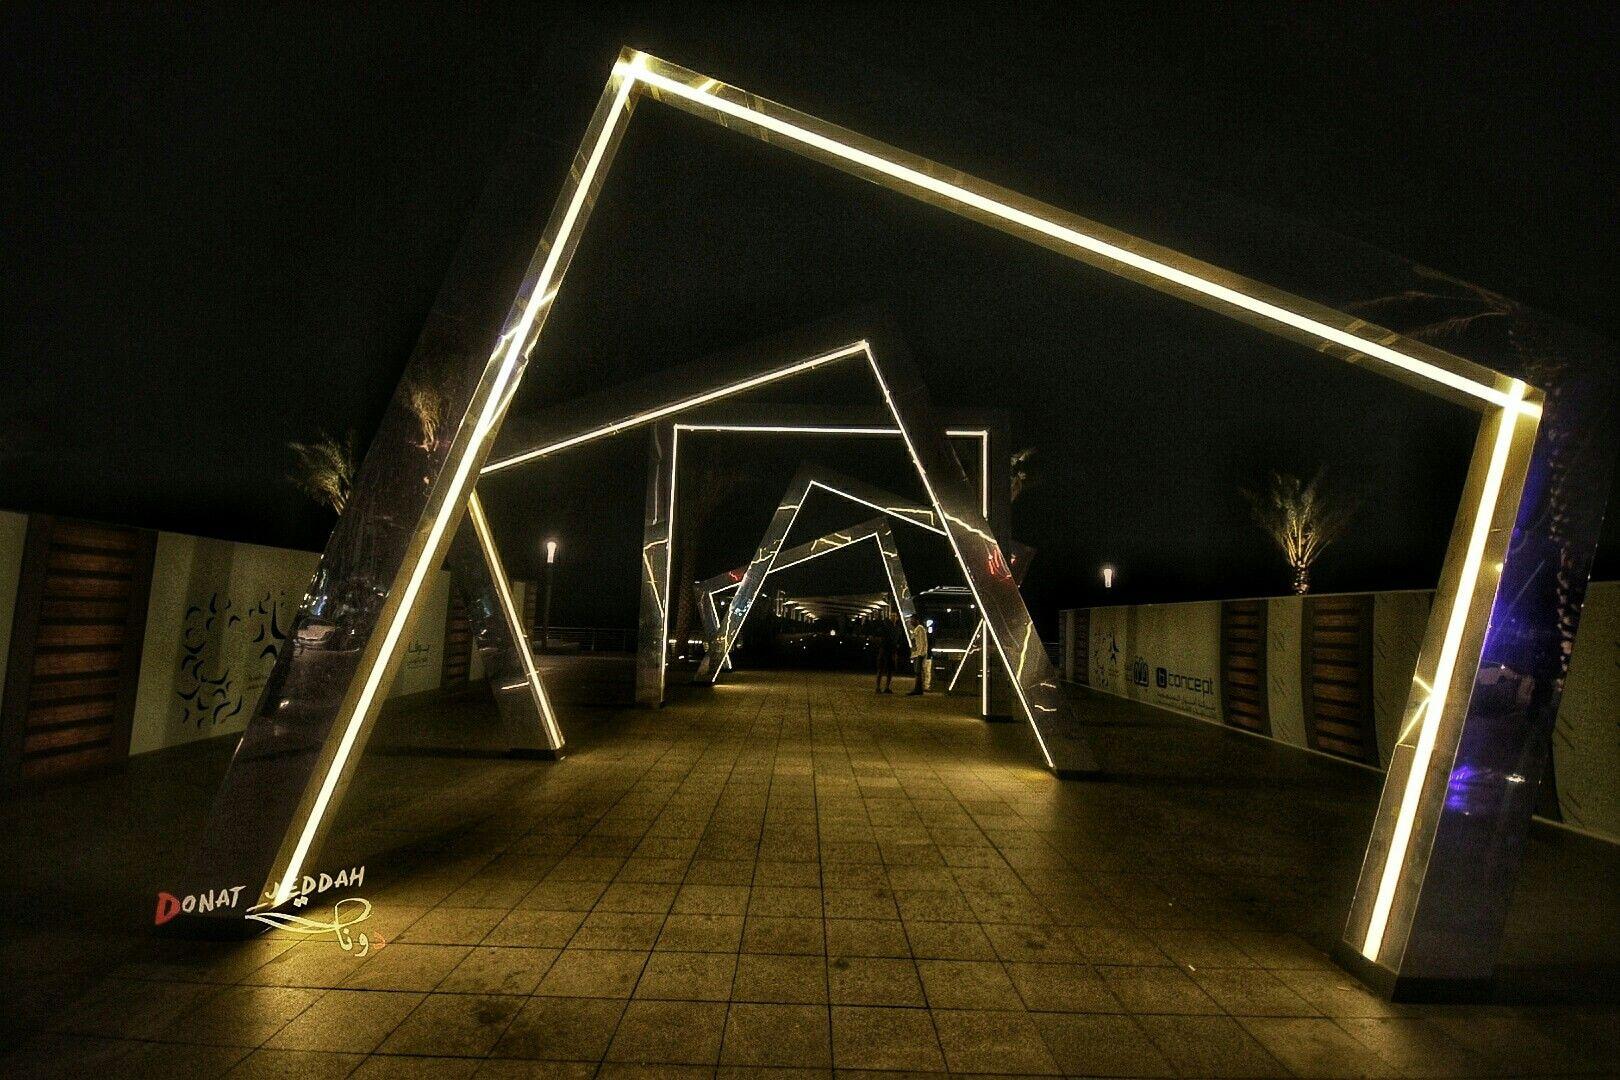 مدخل سقالة جدة الجديد Jeddah Grounds Fair Grounds